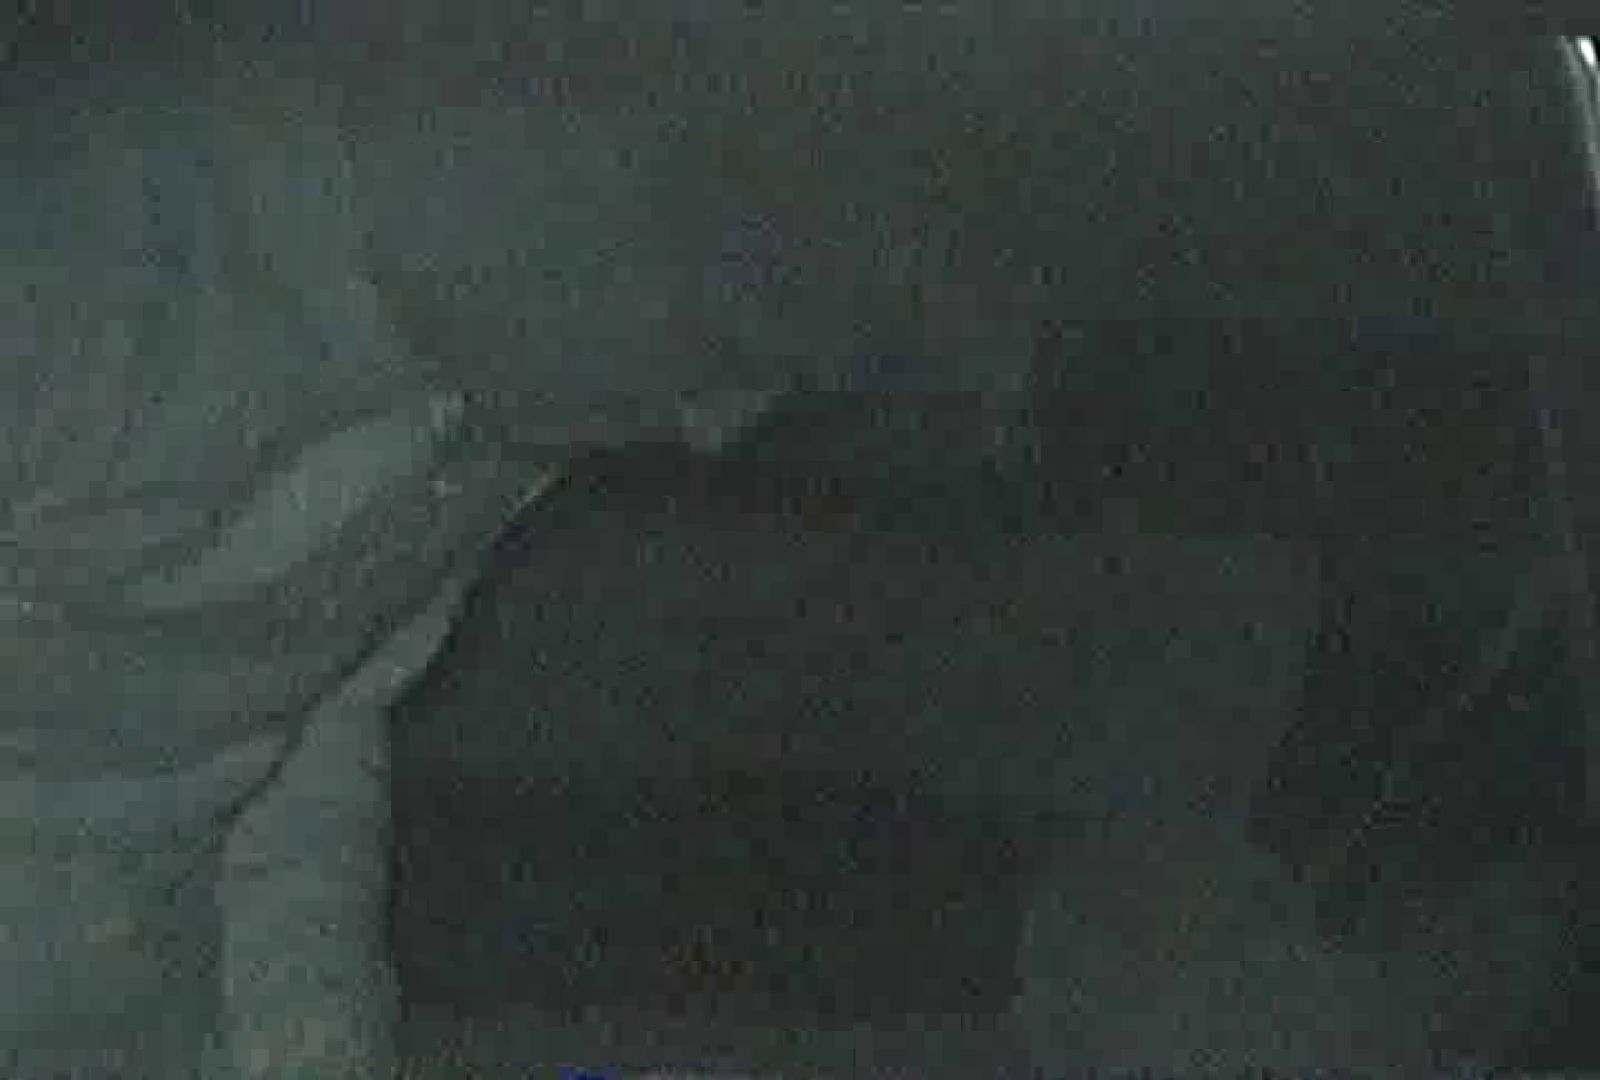 充血監督の深夜の運動会Vol.58 独身エッチOL   フェラ  91pic 38